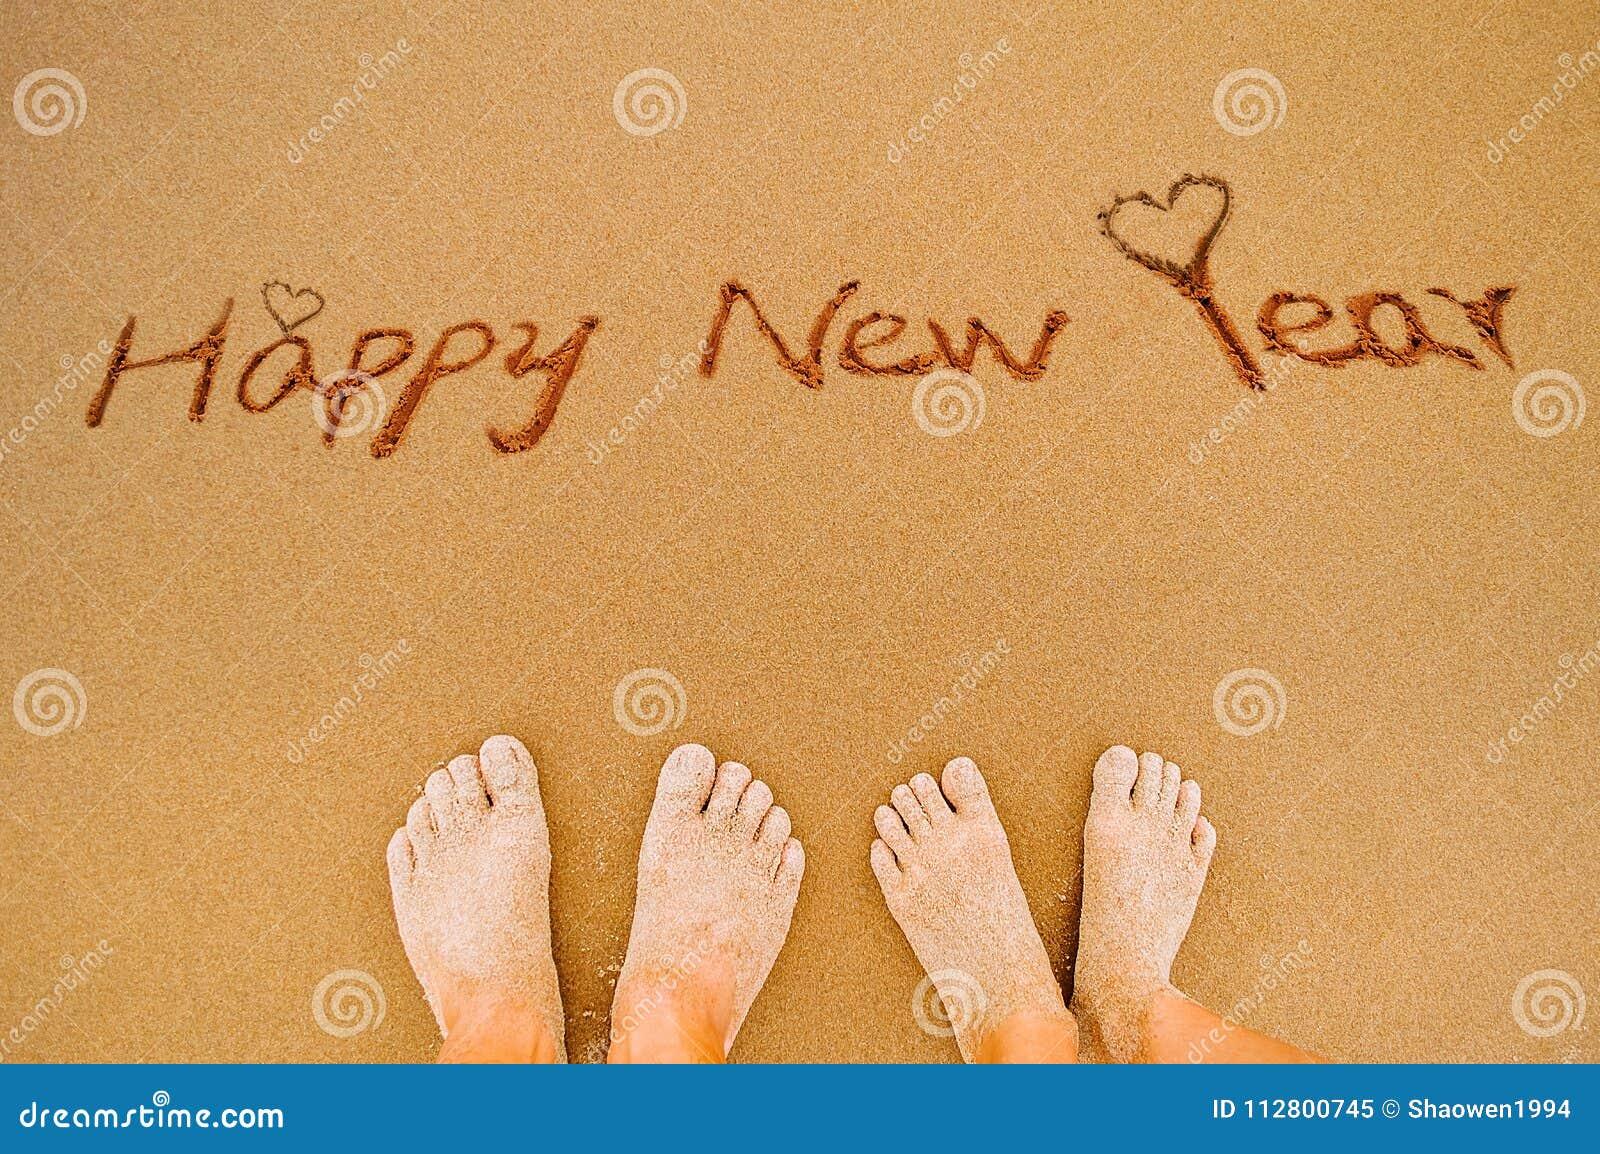 Fot för lyckligt nytt år och vän